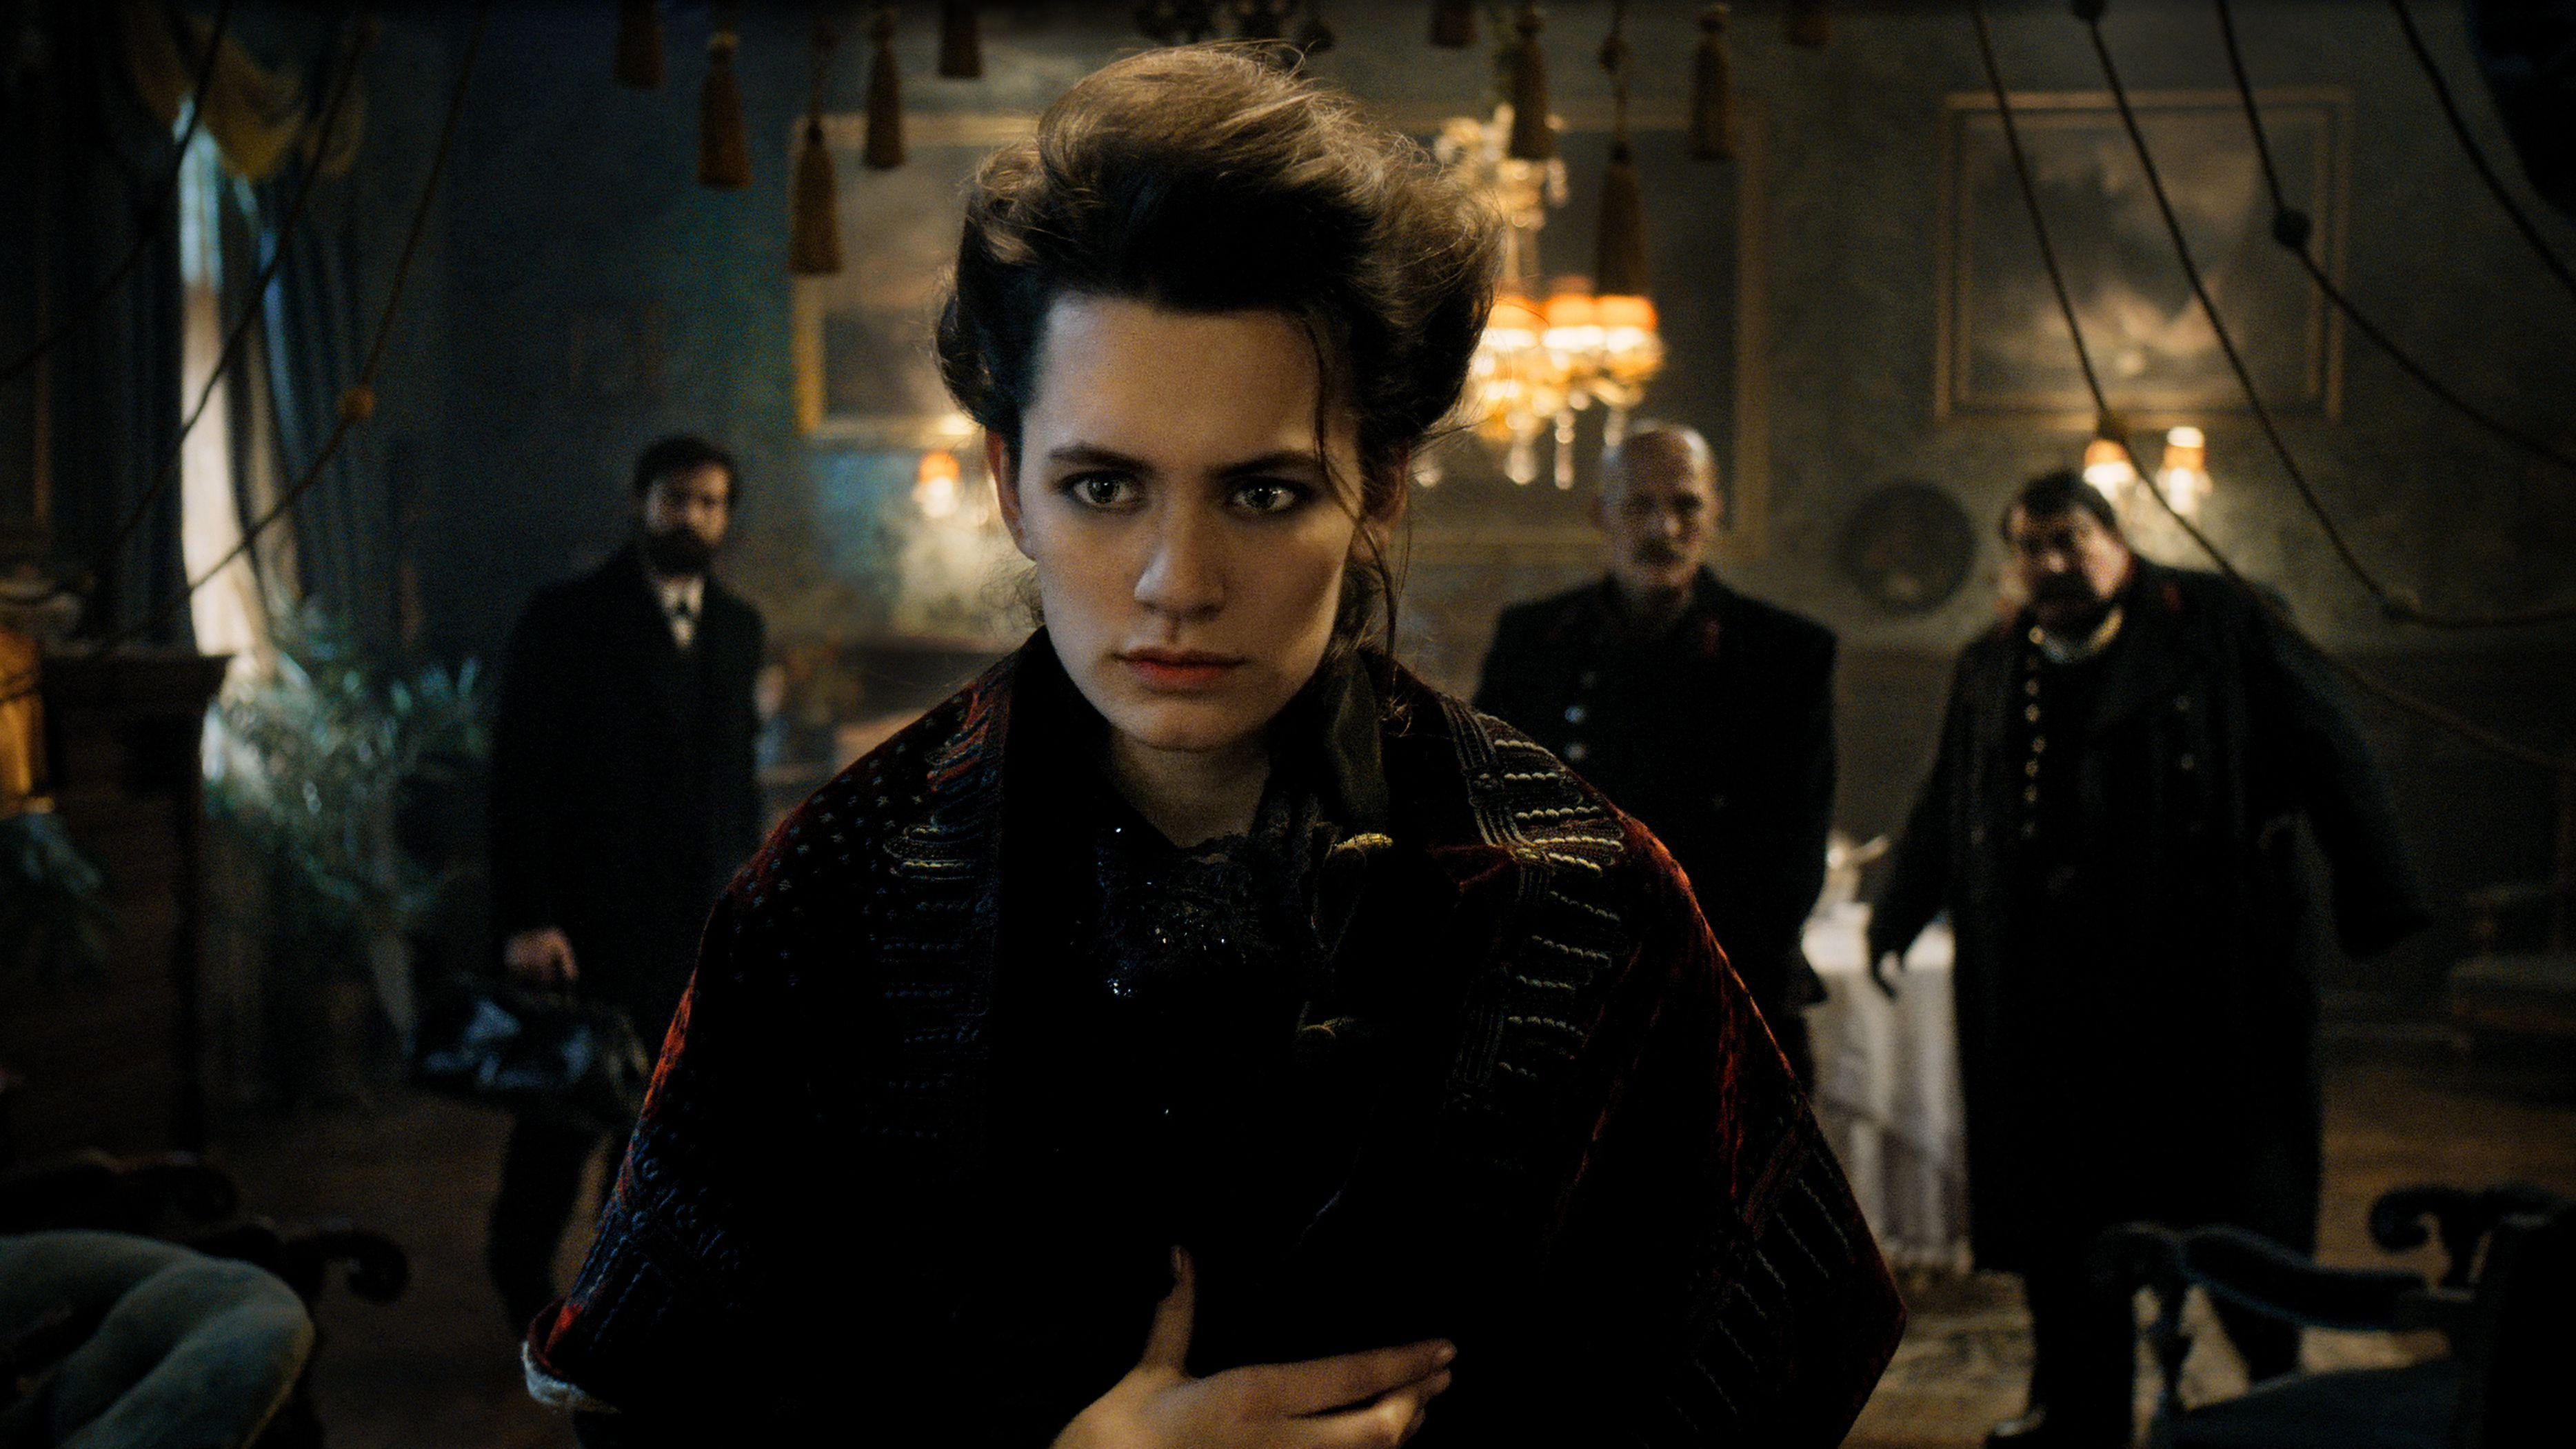 """Szene aus der Serie """"Freud"""": Schauspielerin Ella Rumpf blickt ins Leere, hinter ihr stehen drei Männer und blicken ihr hinterher"""